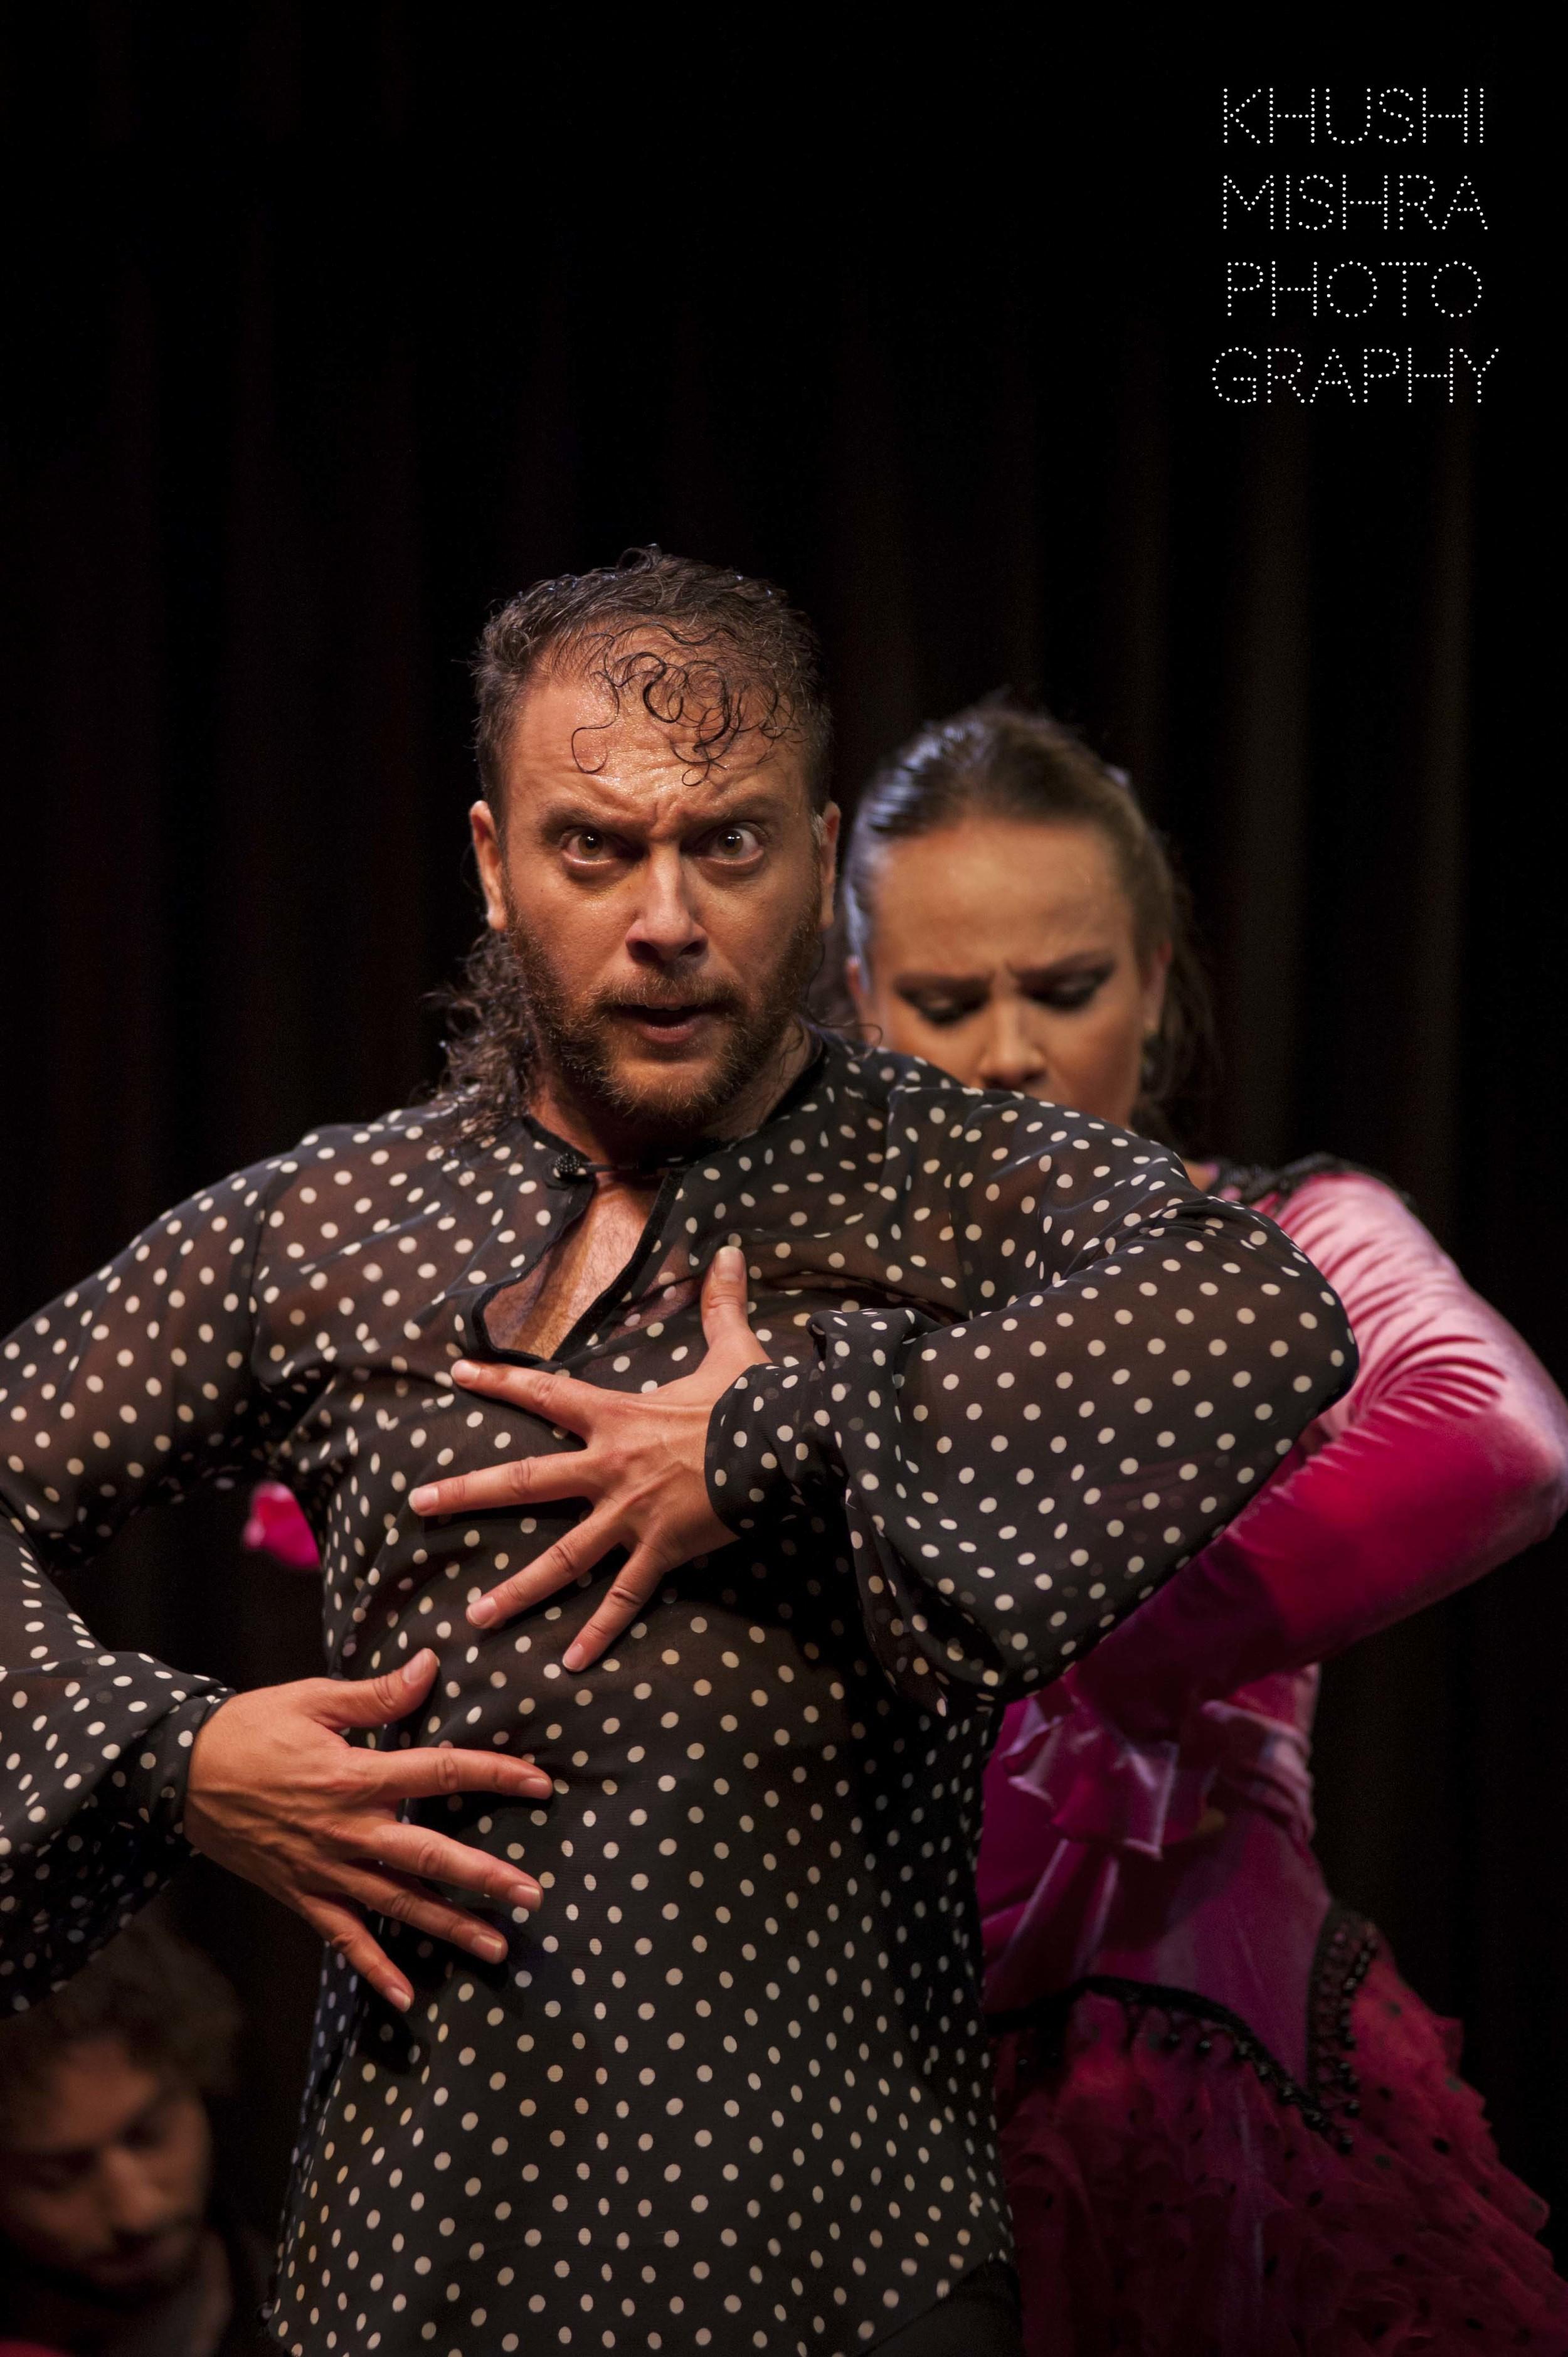 Flamenco_dsc_7998 copy.jpg